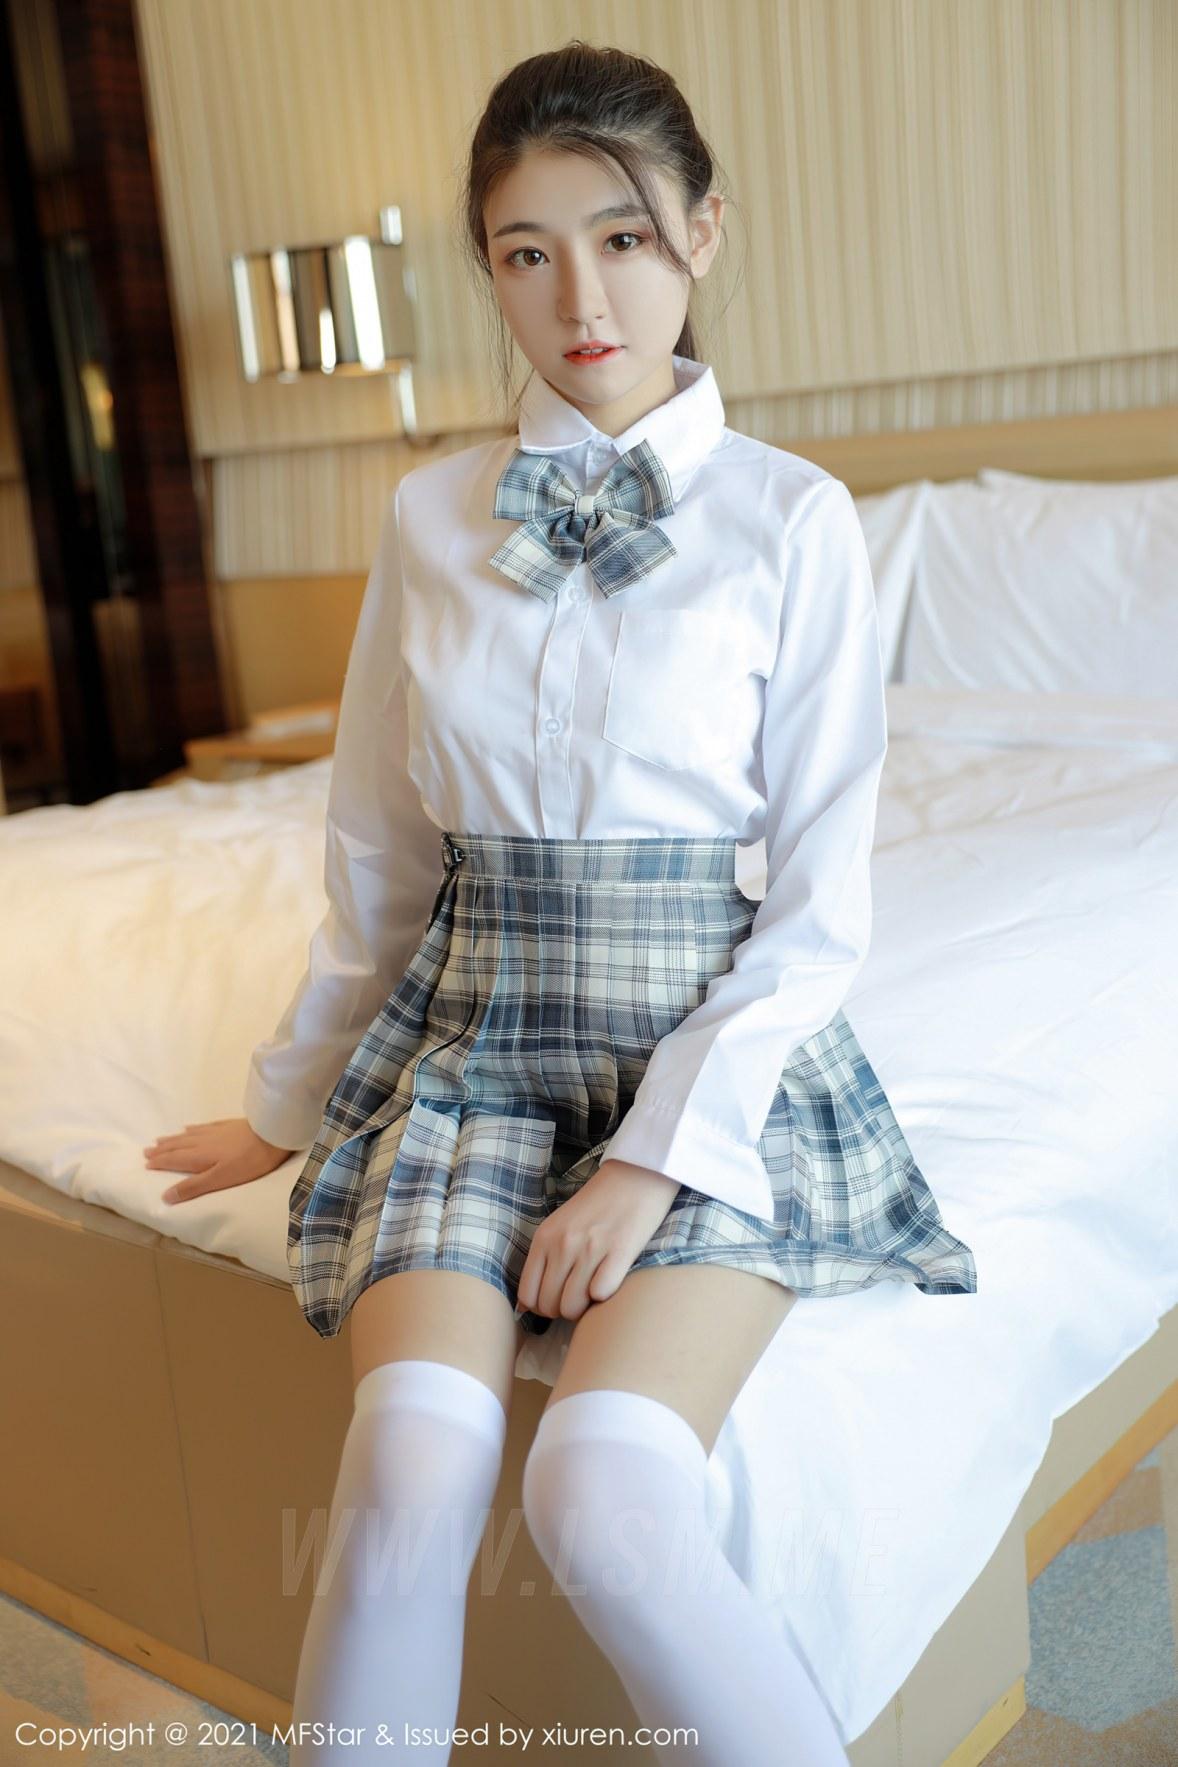 MFStar 模范学院 Vol.448  格子jk清纯少女 苏雨彤 - 2